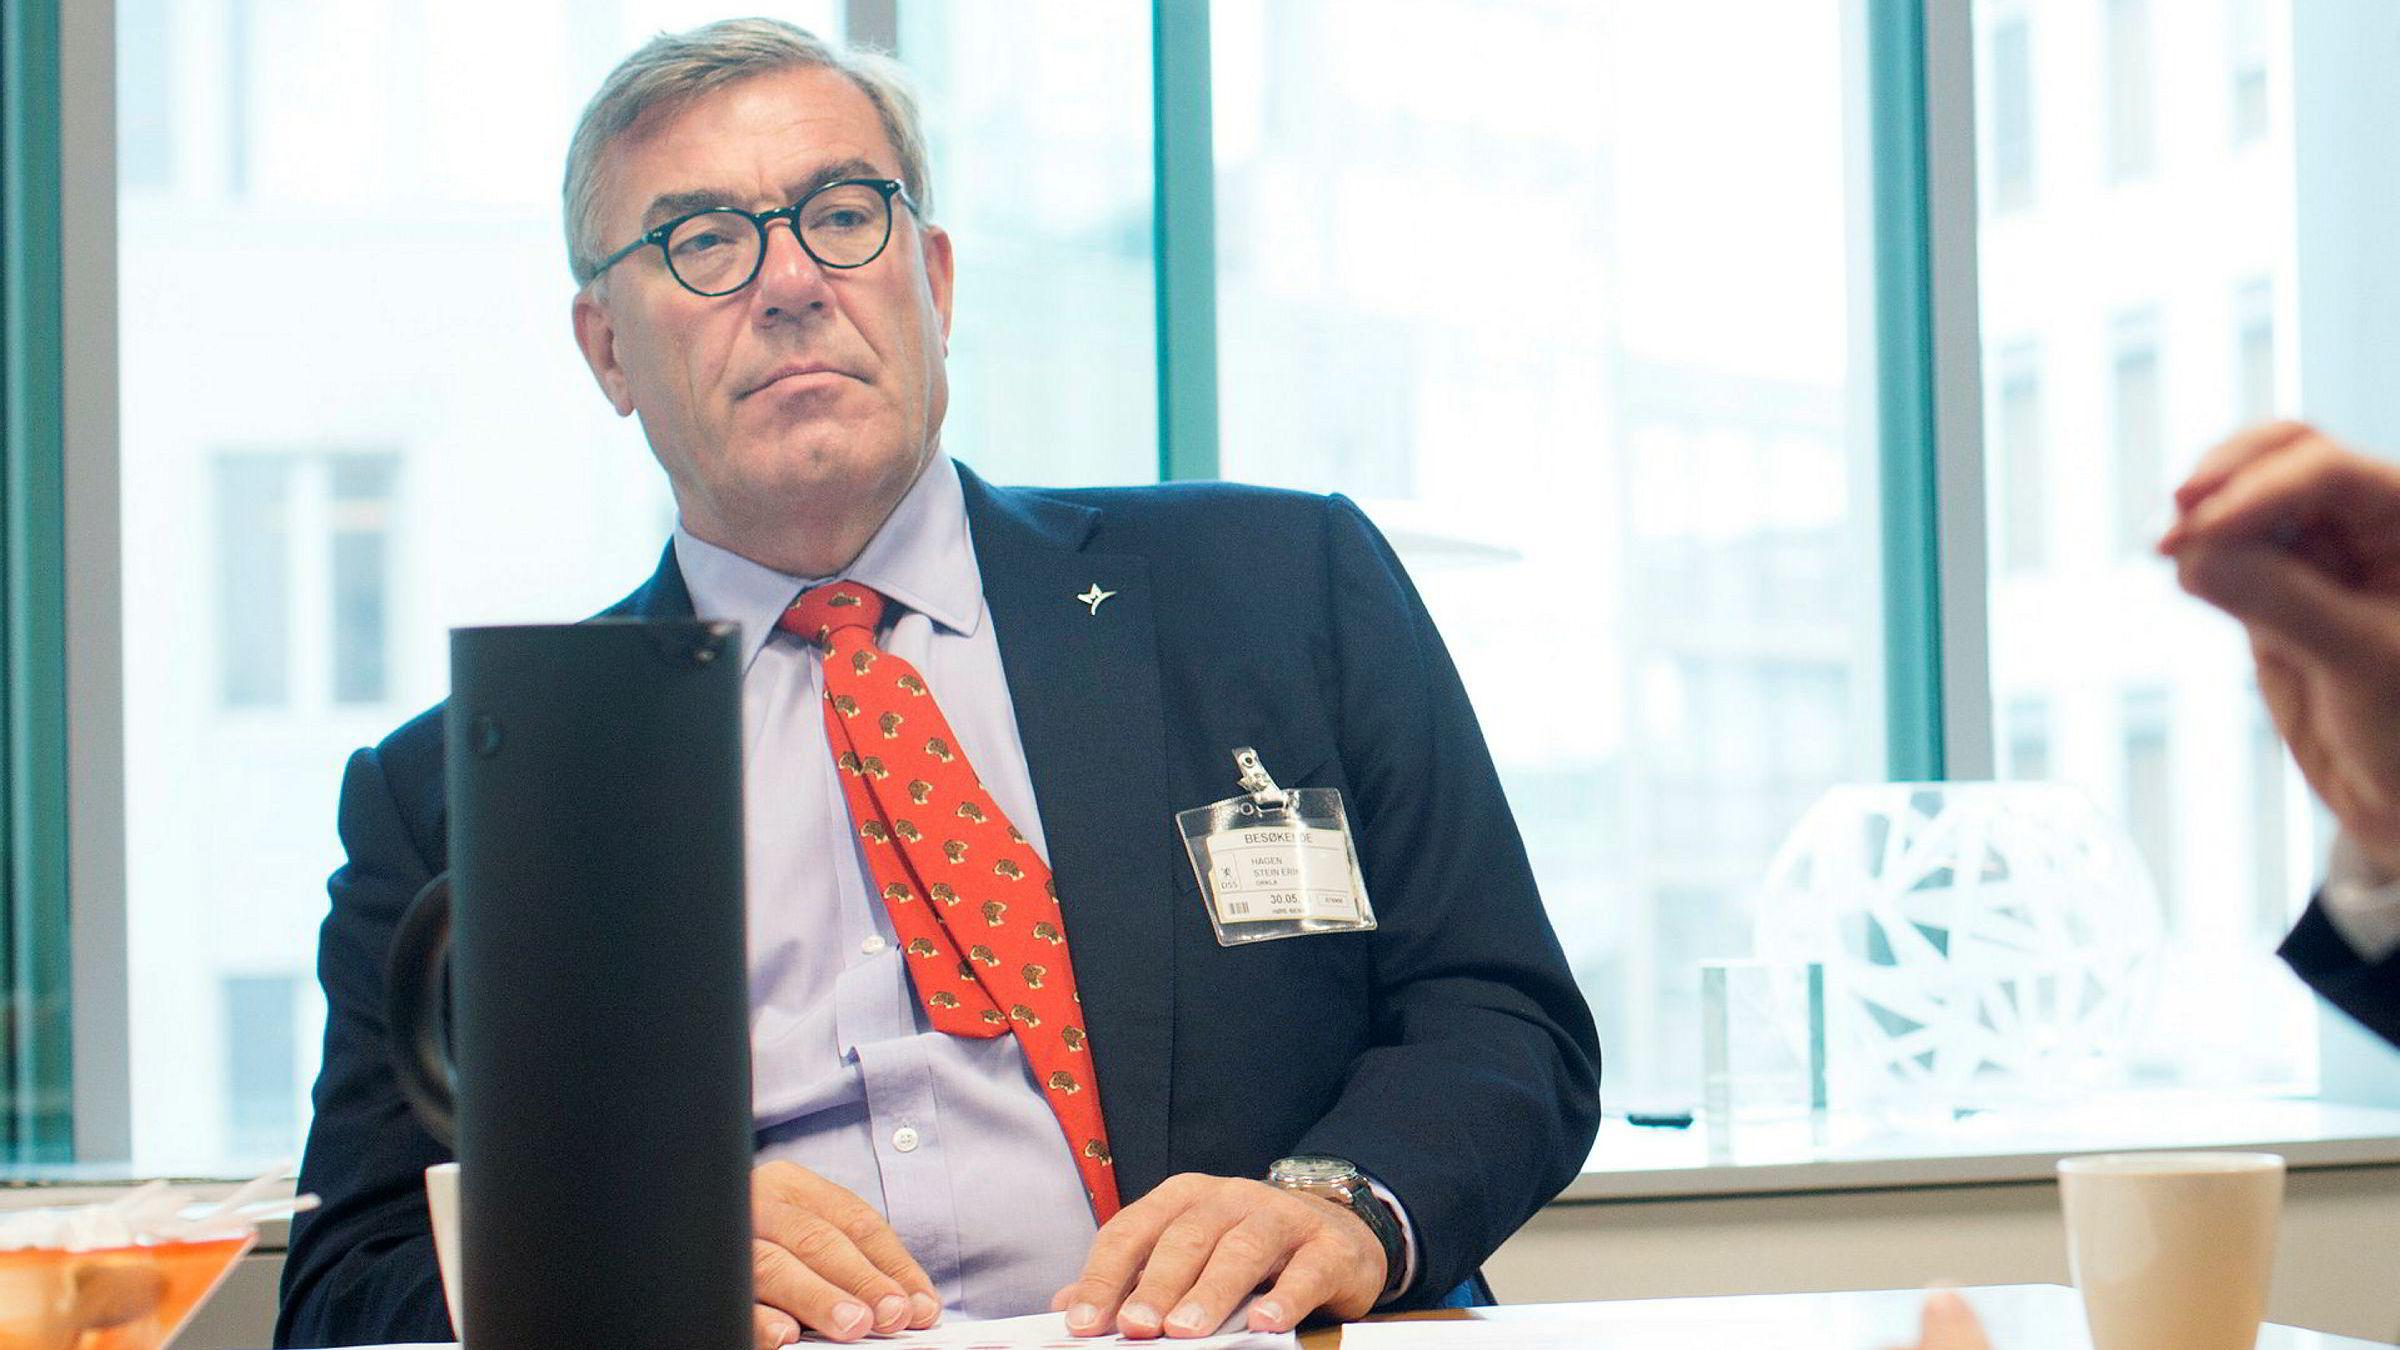 Investor Stein Erik Hagen ansetter ny toppsjef i Jernia, mens den tidligere Jernia-sjefen blir finansdirektør. Her fra et møte hos helseminister Bent Høie.